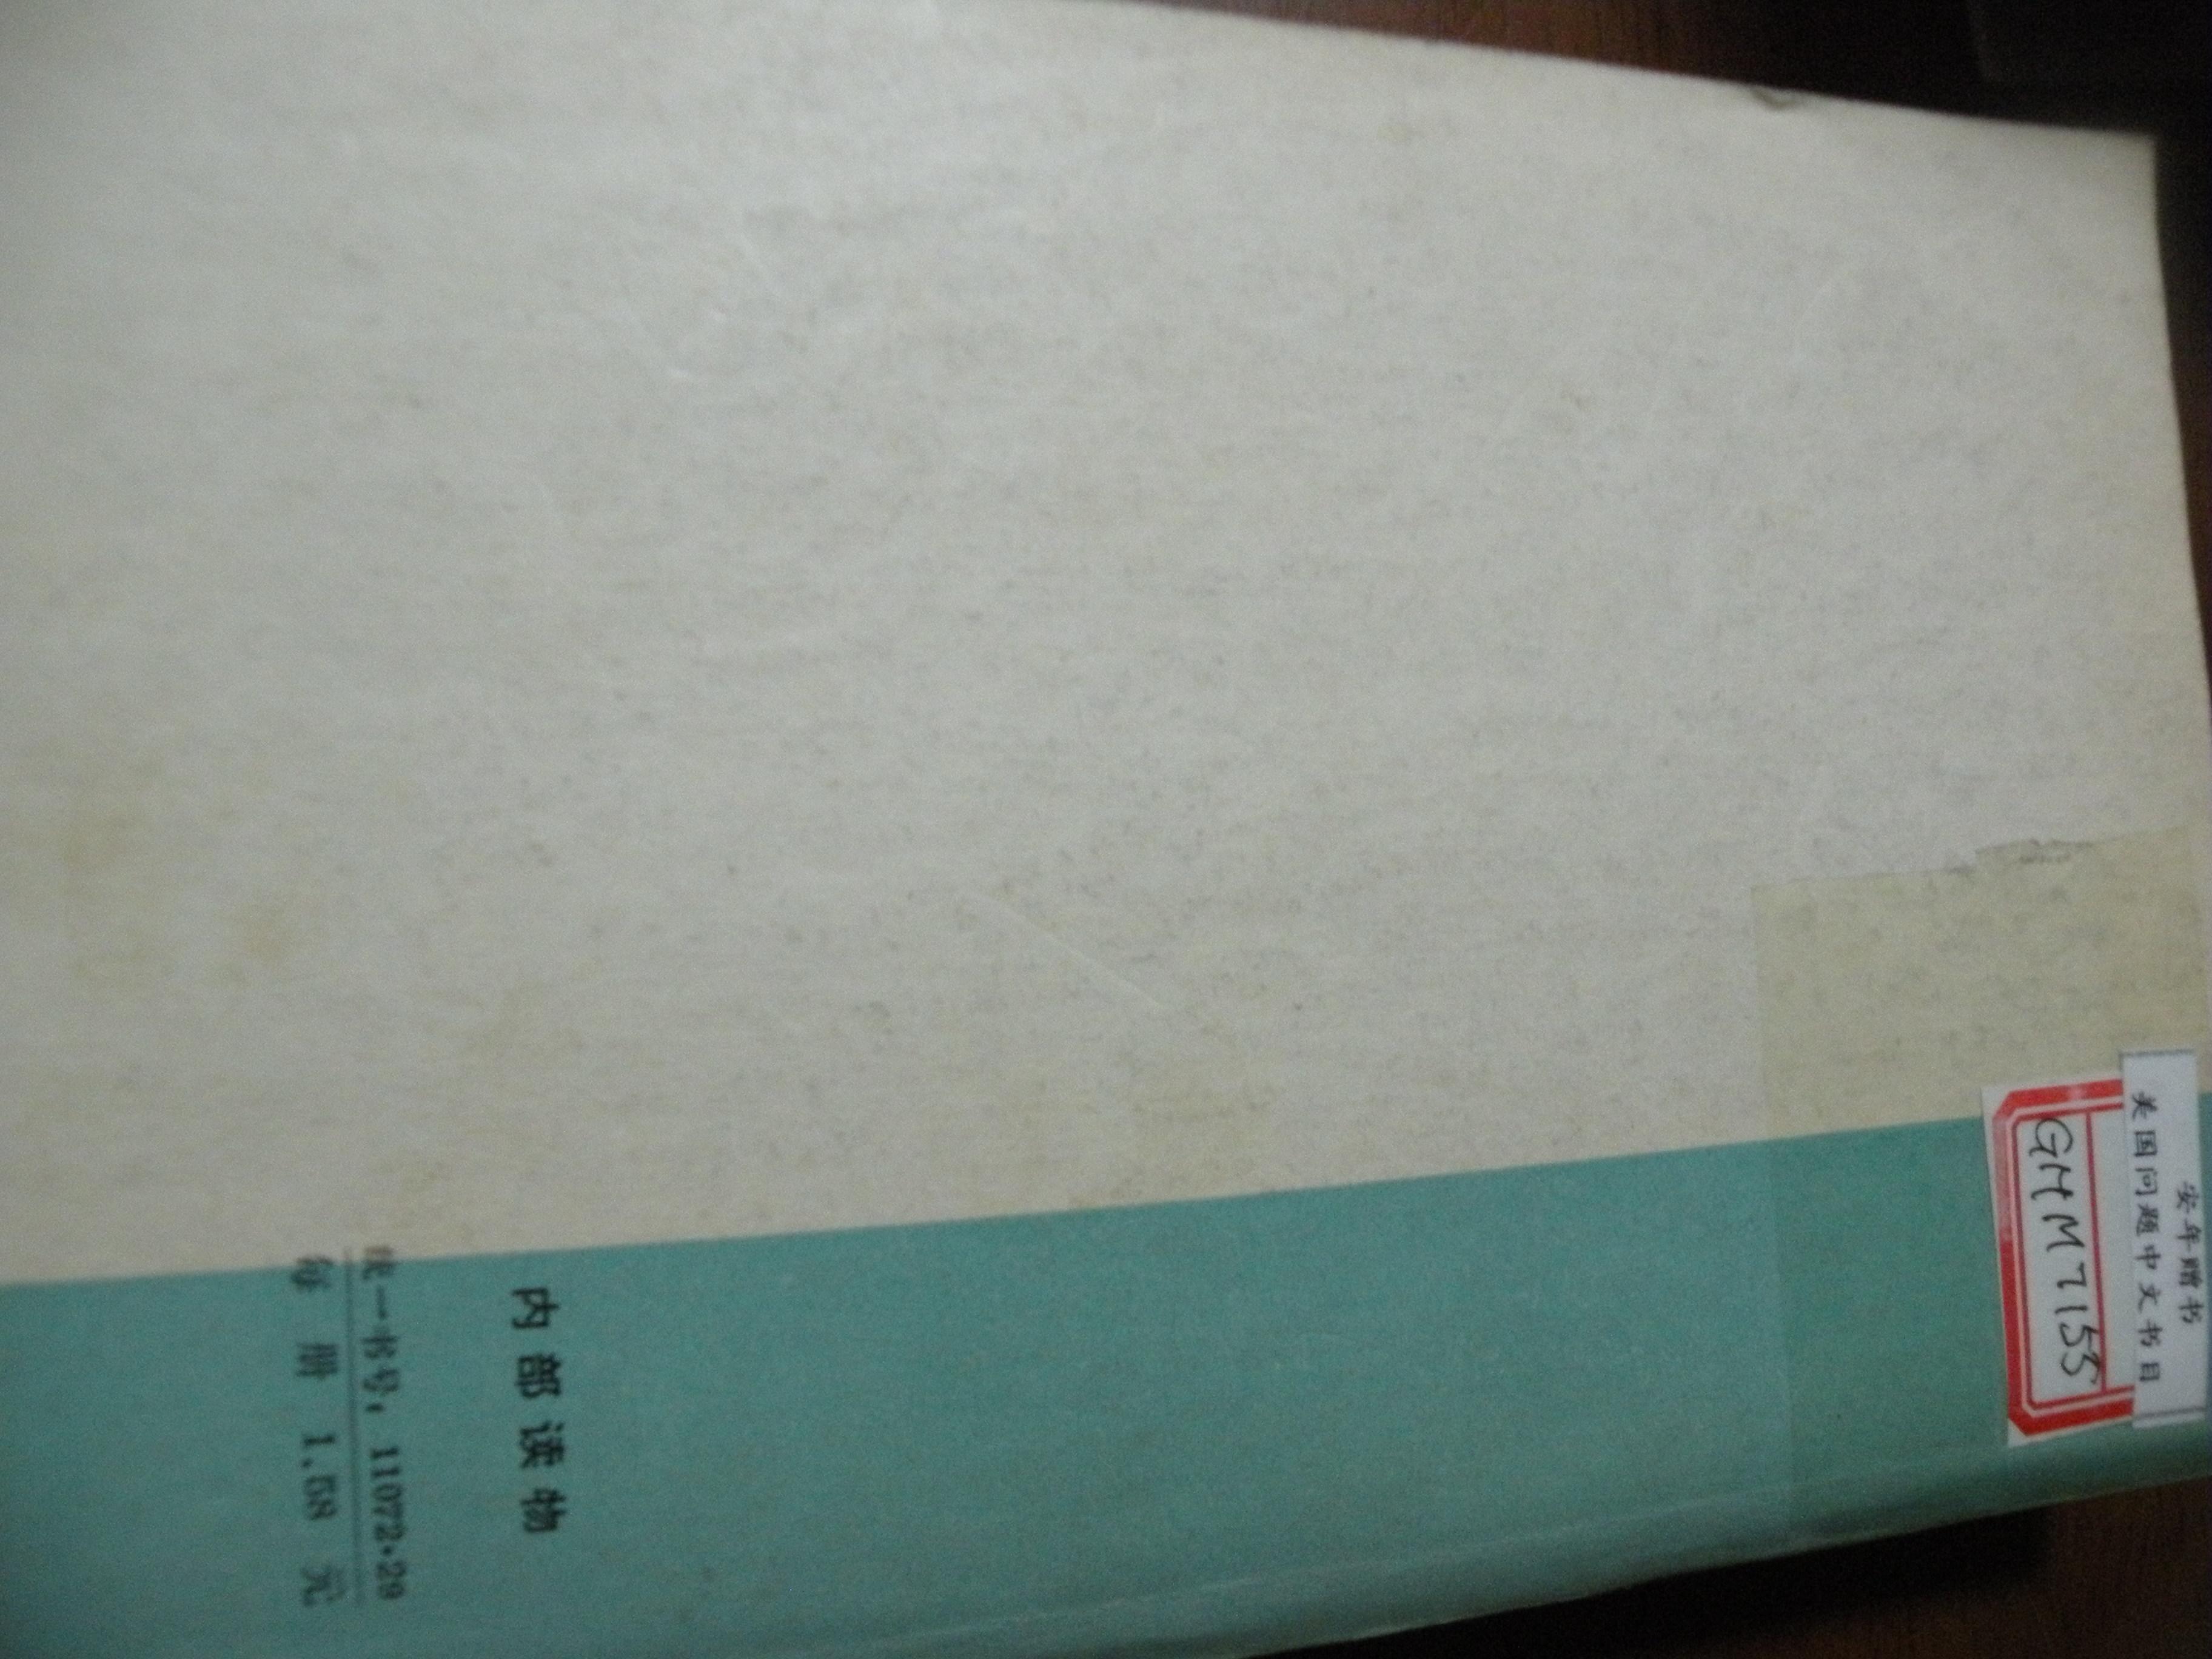 DSCN7941.JPG